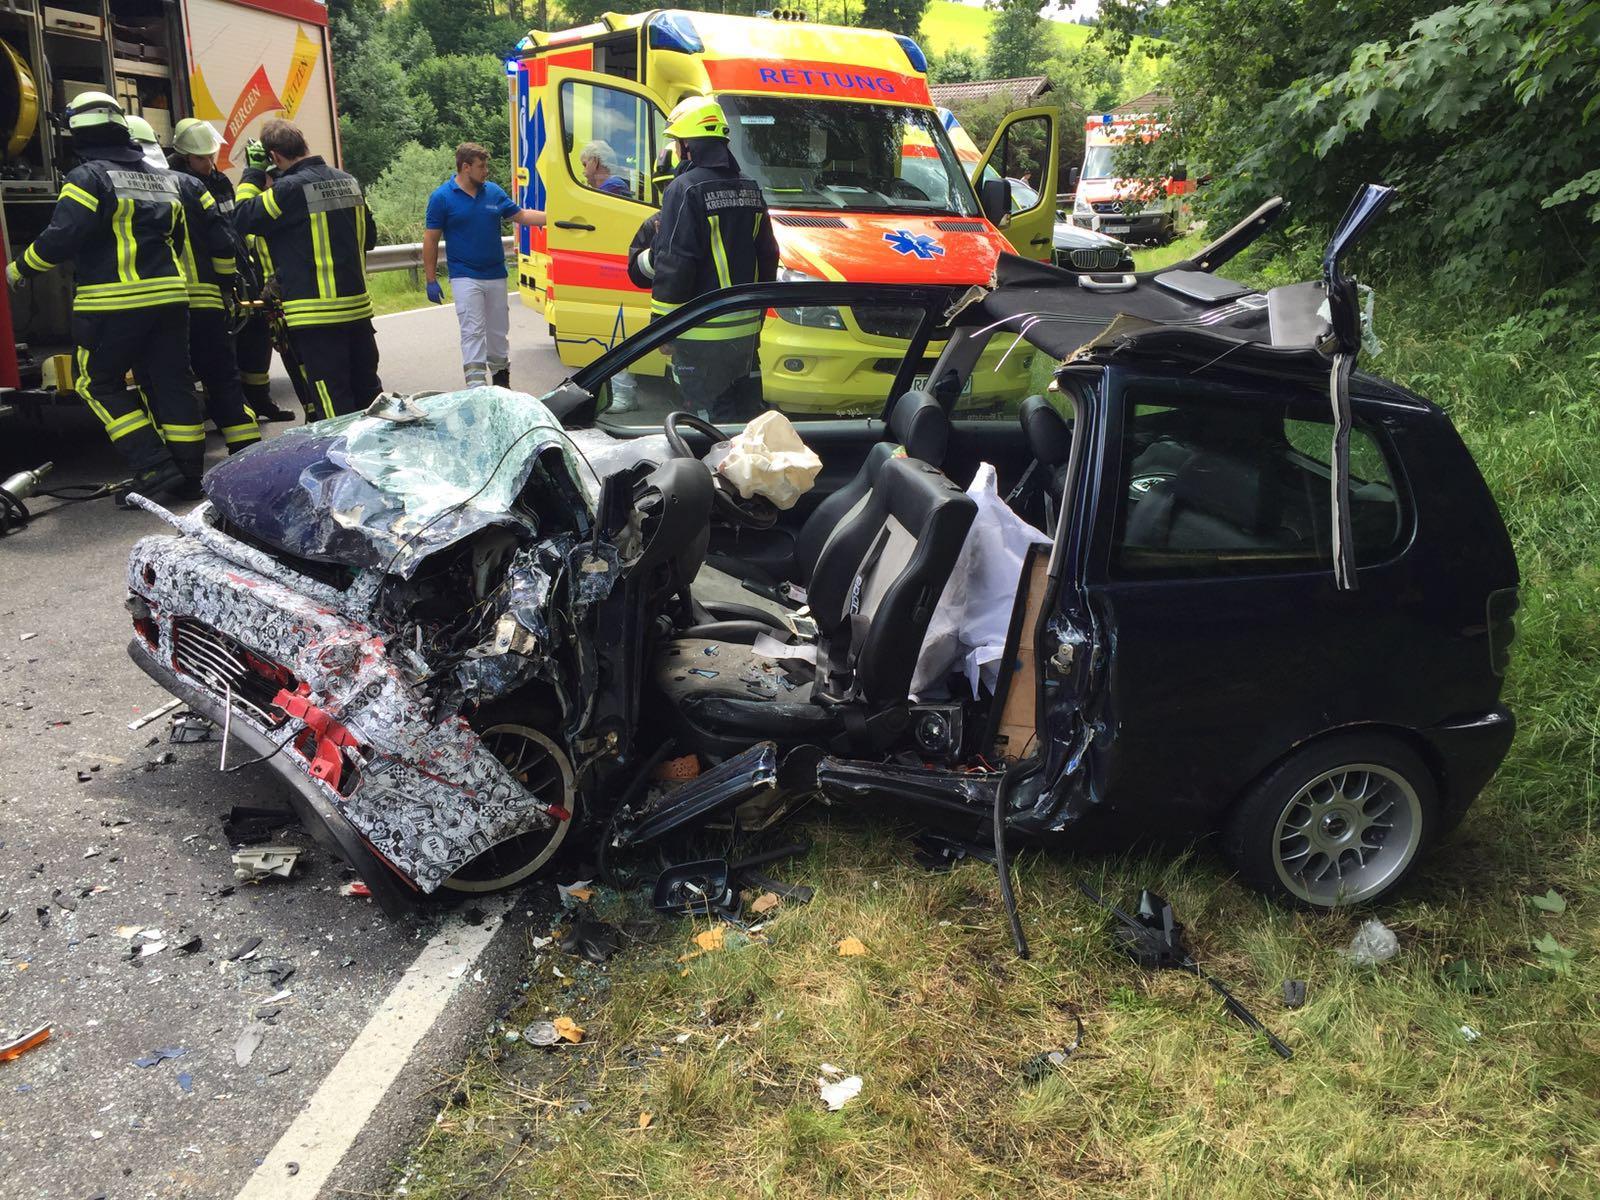 Verkehrsunfall mit eingeklemmter Person Reschmühle - Feuerwehr Freyung